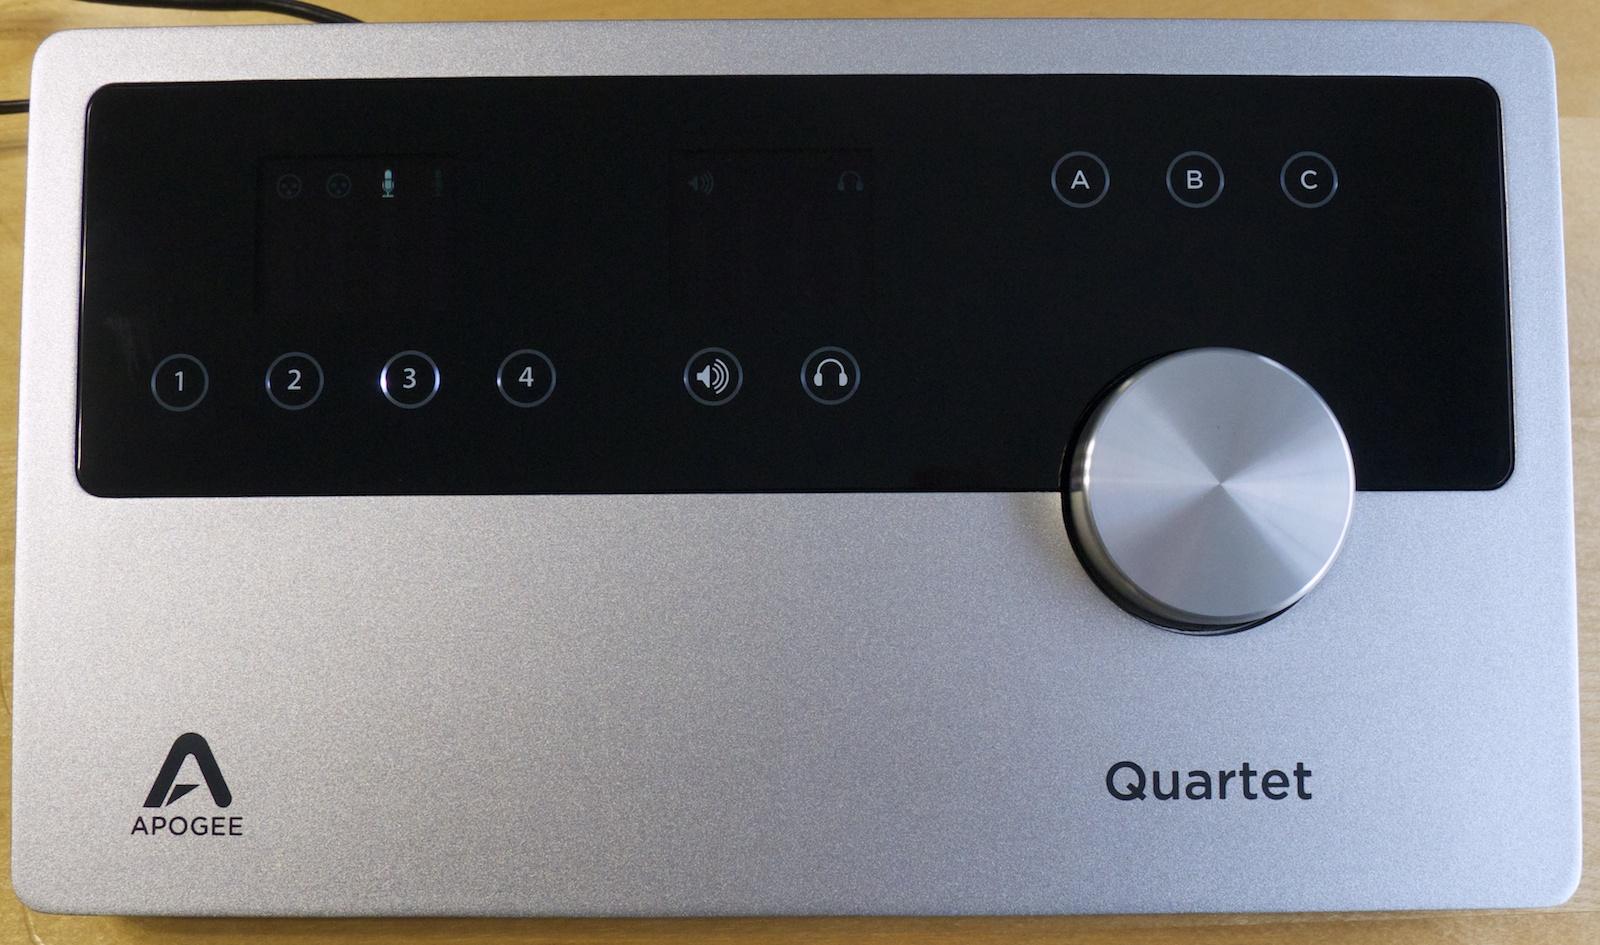 Apogee Quartet Audio Interface Review : 2 Duet = 1 Quartet